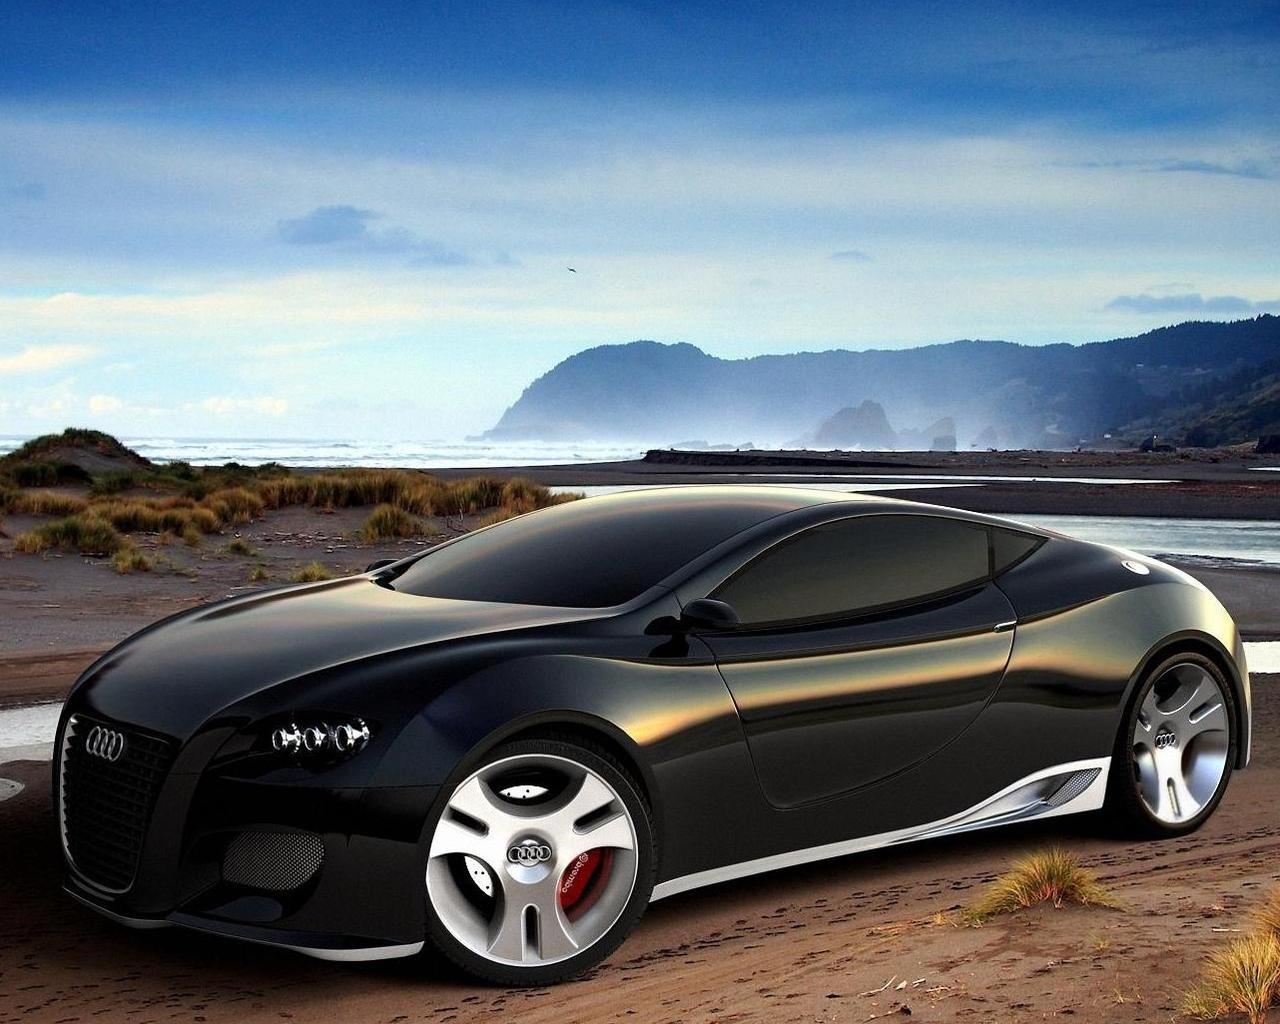 7280 скачать обои Транспорт, Машины, Ауди (Audi) - заставки и картинки бесплатно